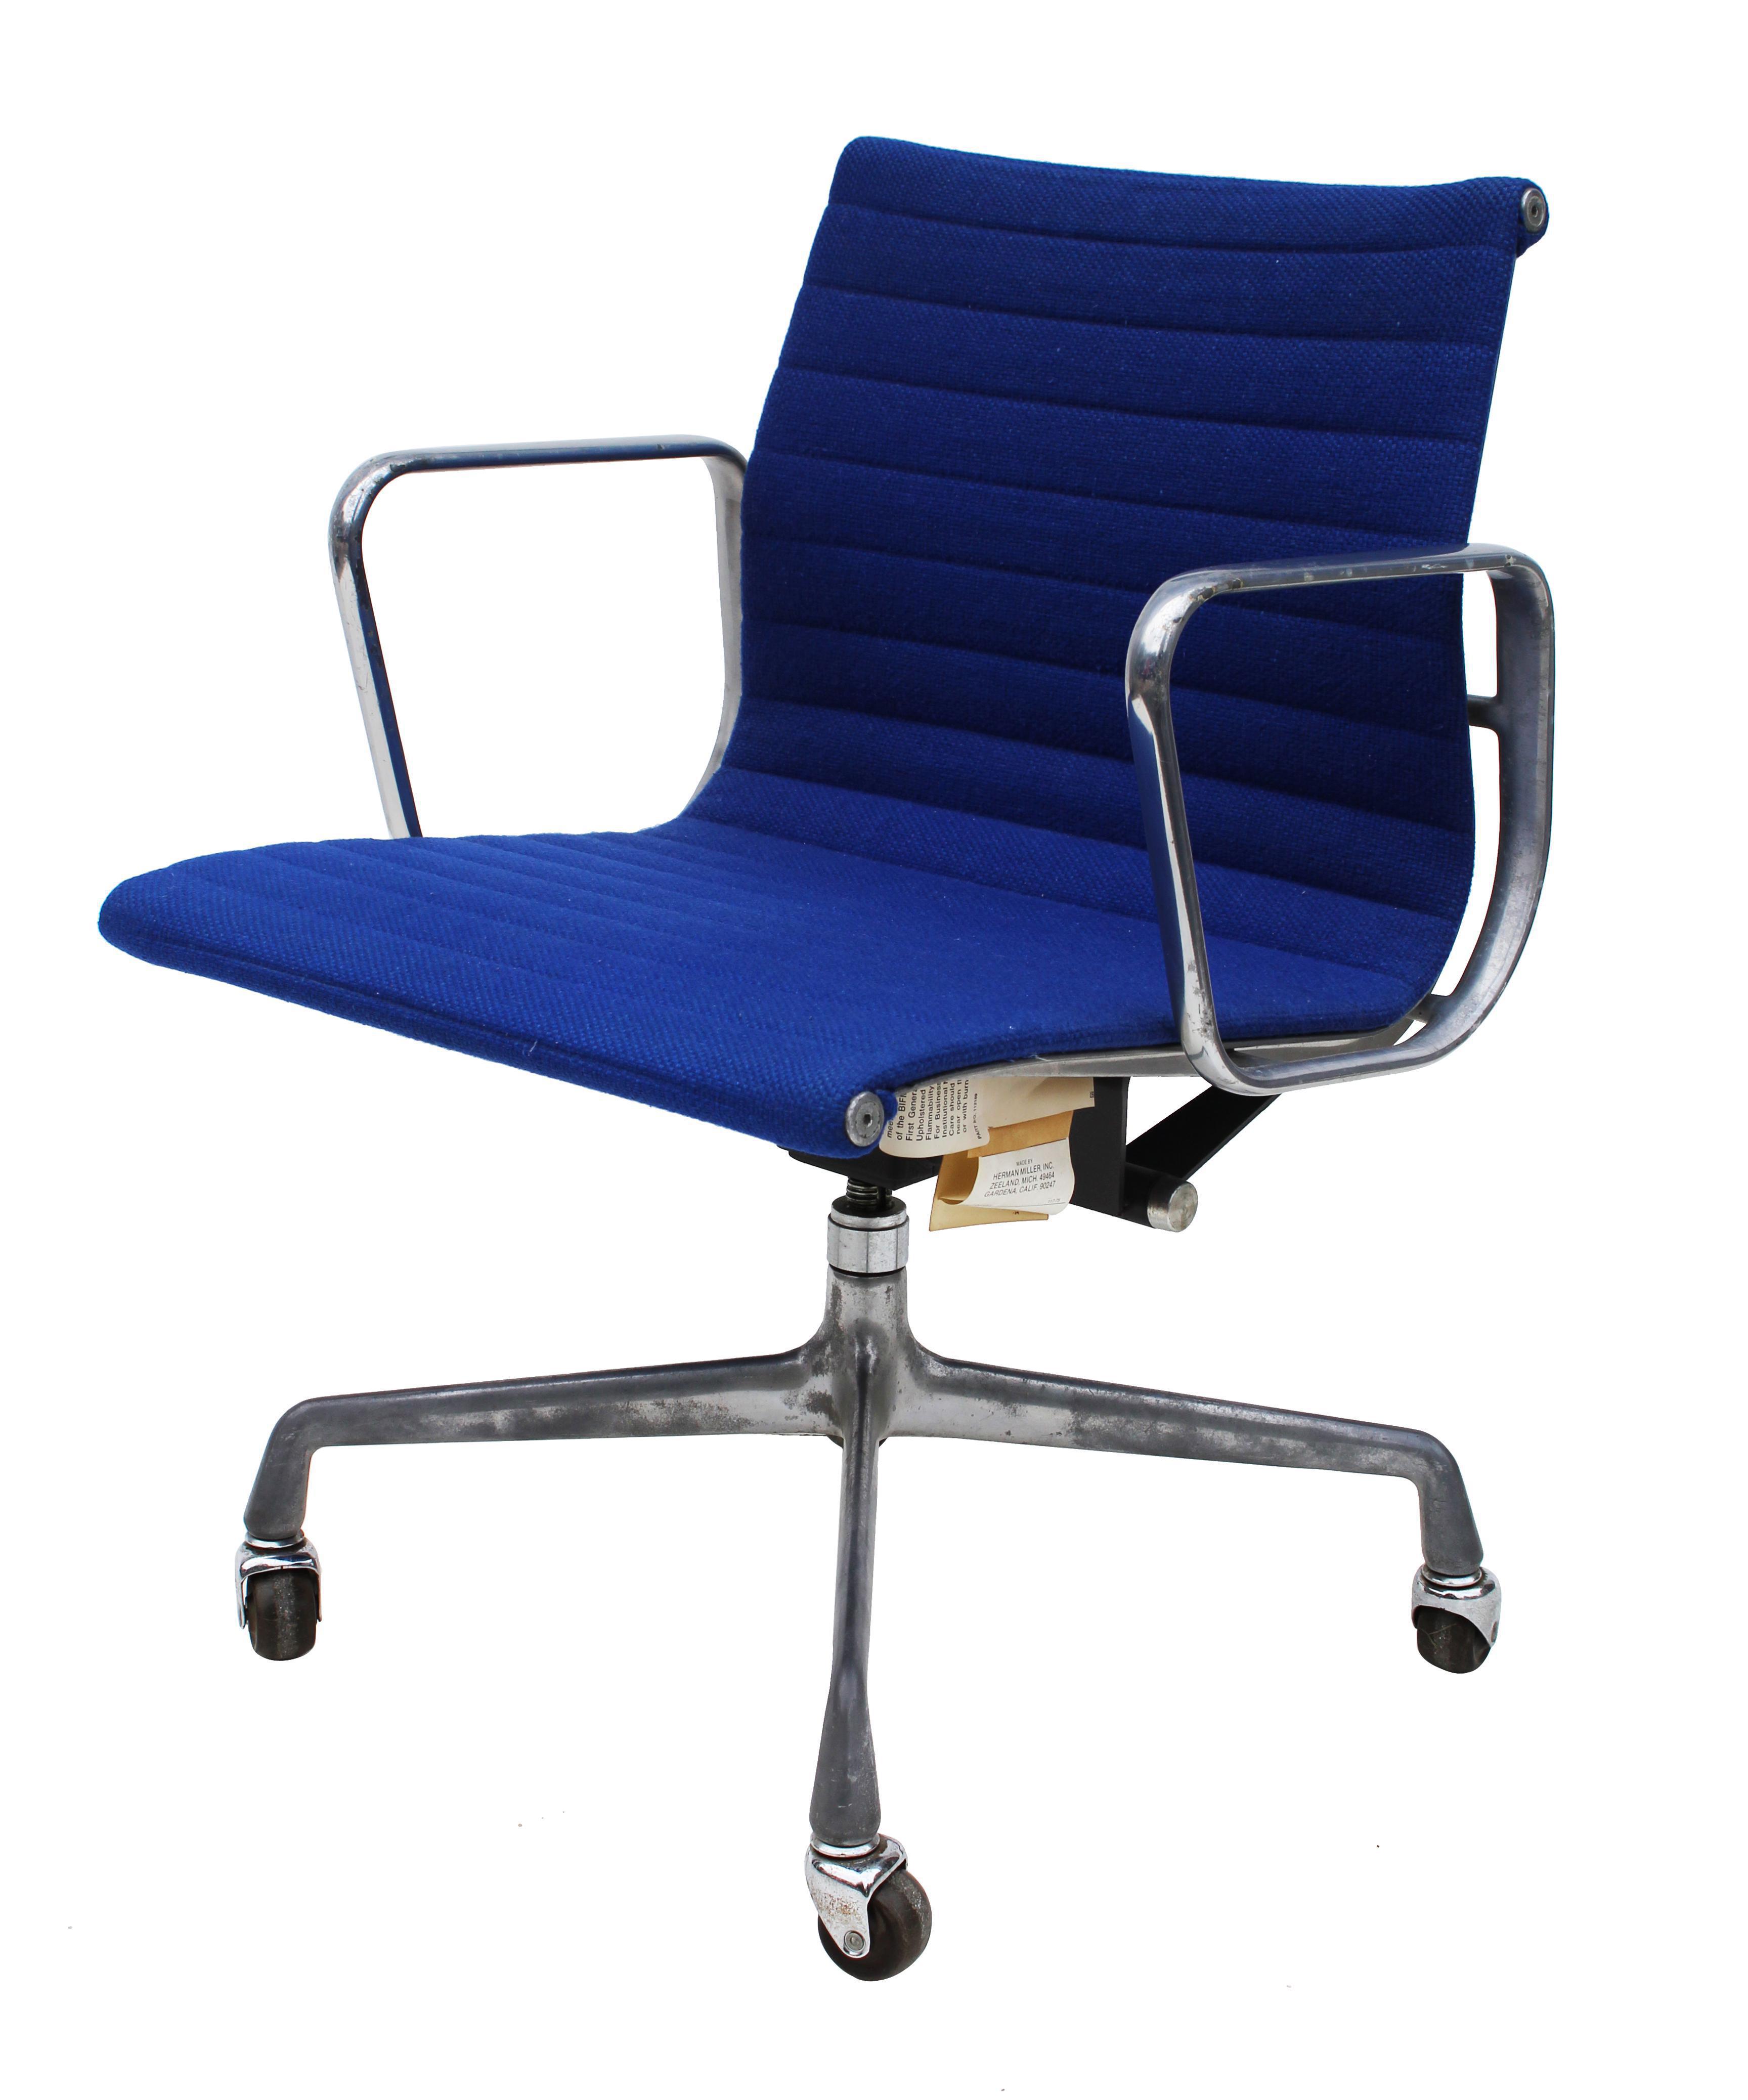 Merveilleux Herman Miller Eames Aluminum Group Task Chair